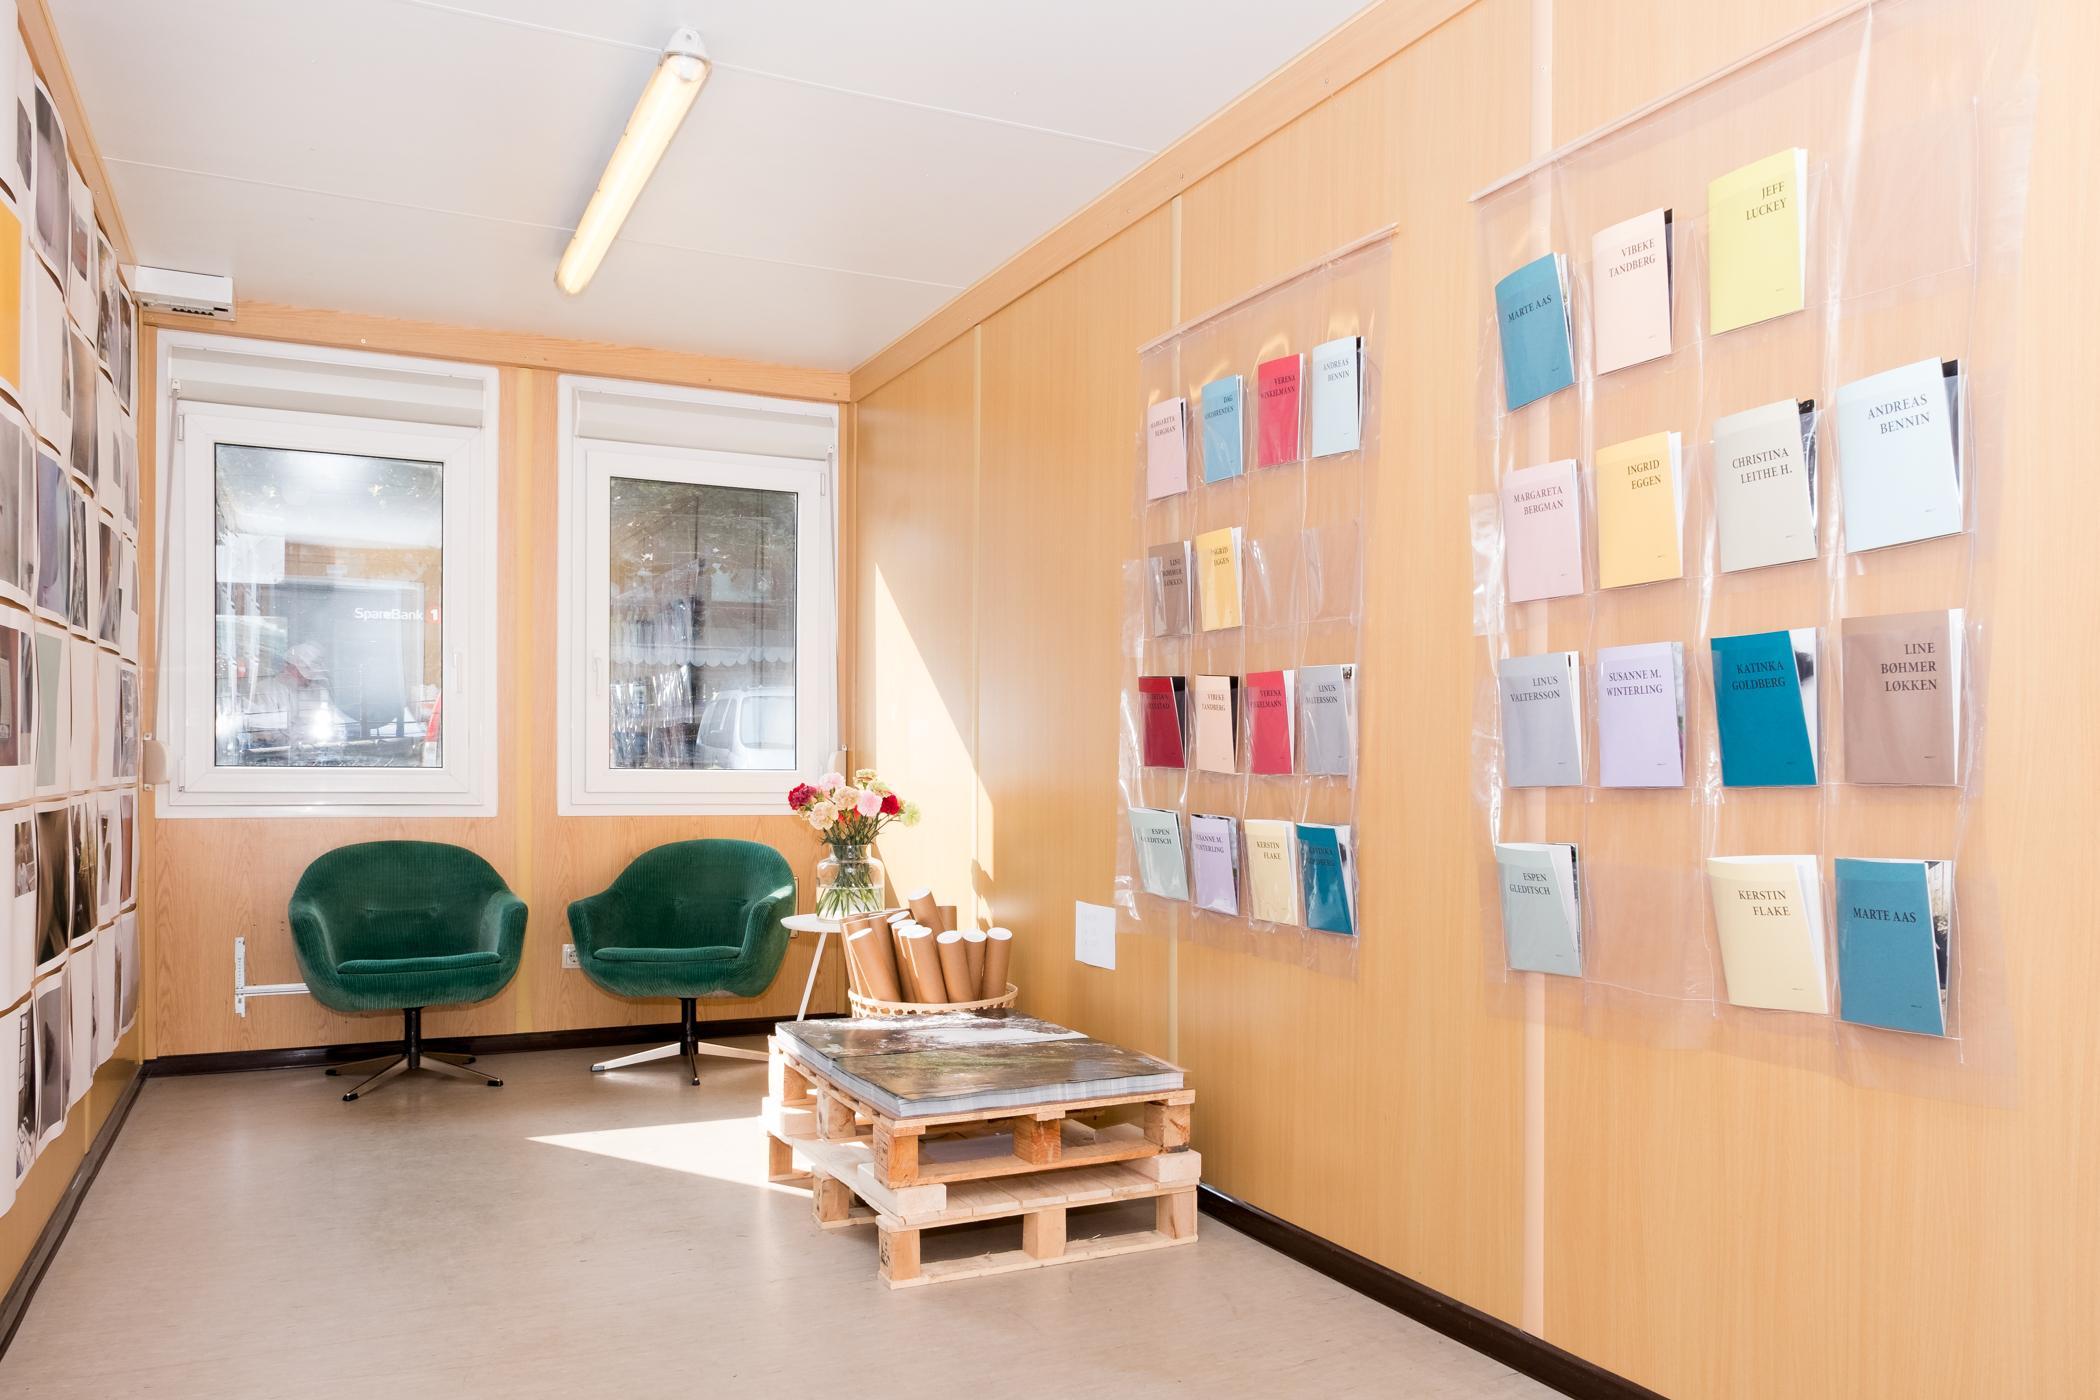 Fotobokfestival Oslo Archive